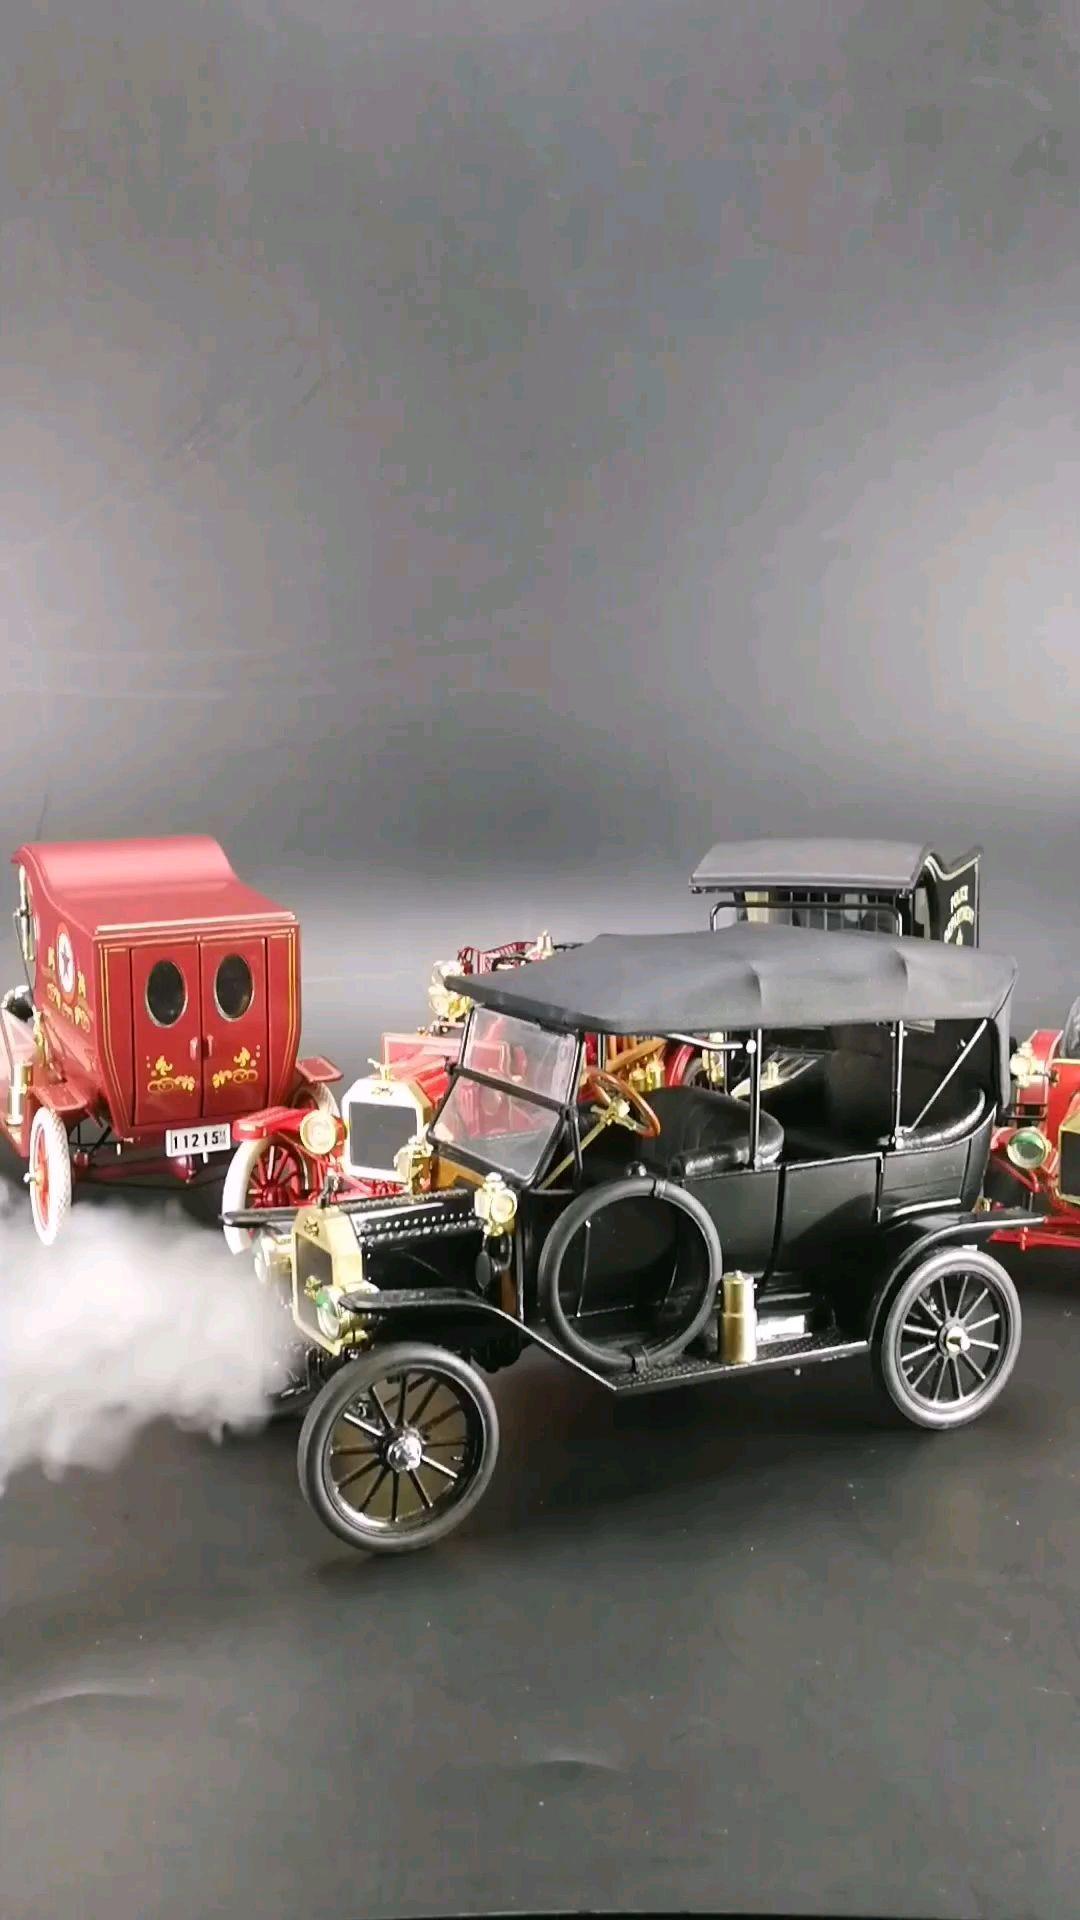 1913最早采用流水线生产的汽车福特T型车。1:16比例东晓汽车模型收藏馆藏品。